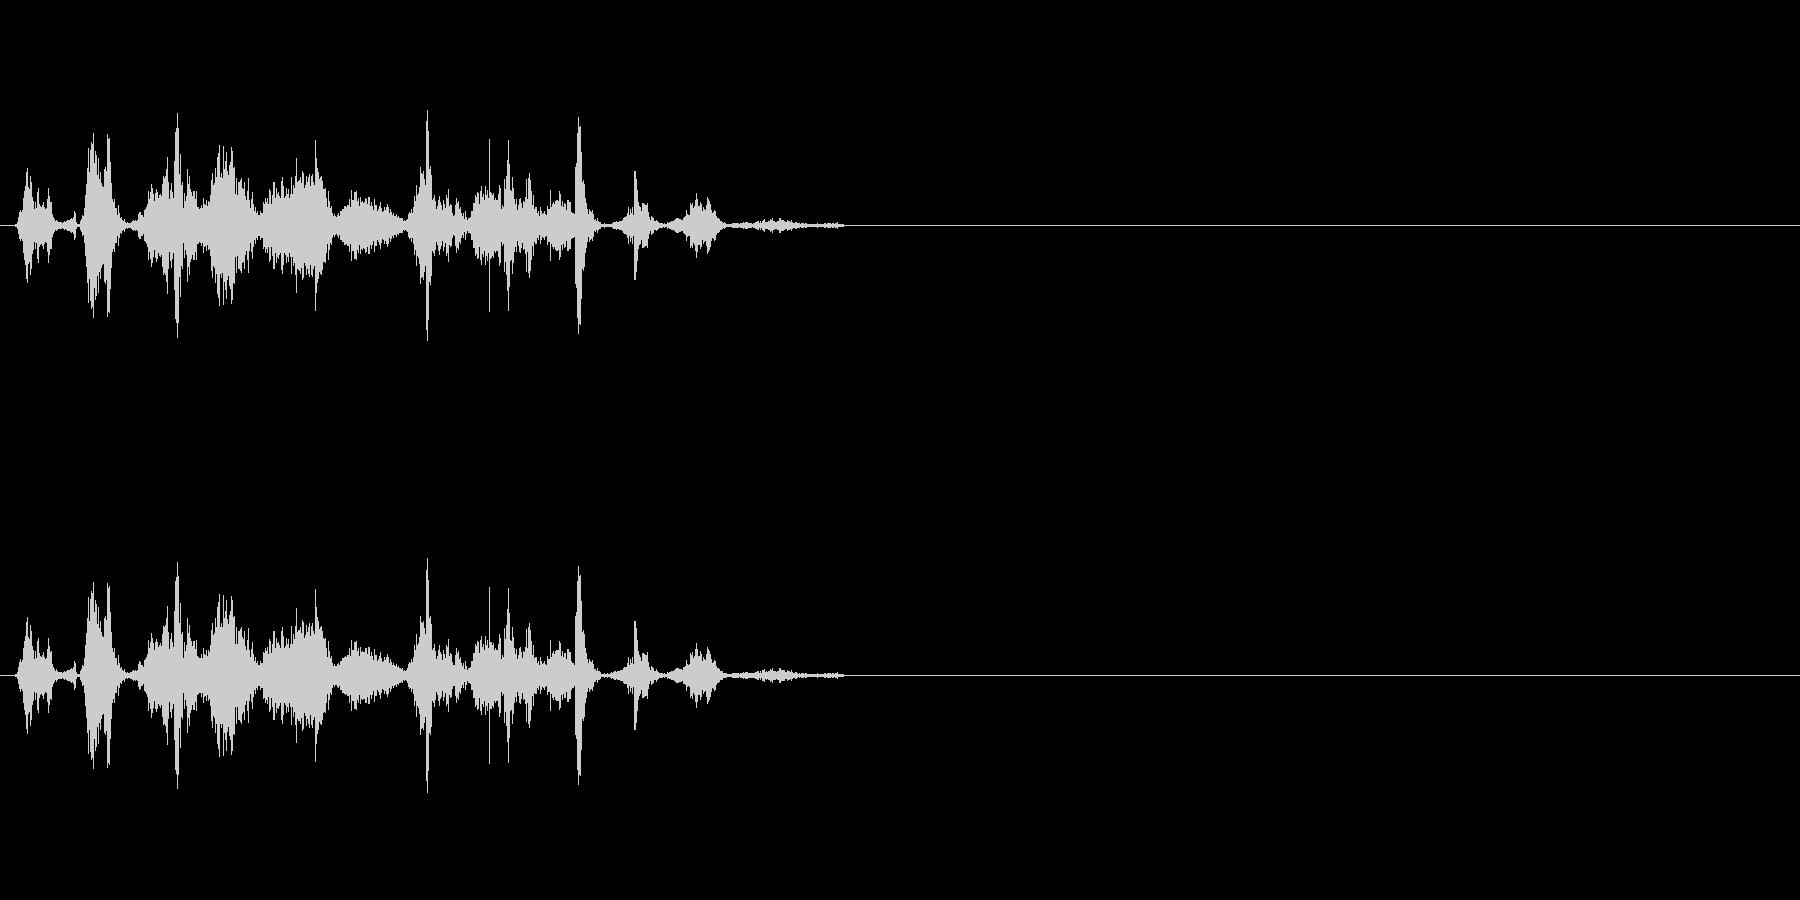 コミカルな小動物の鳴き声の未再生の波形